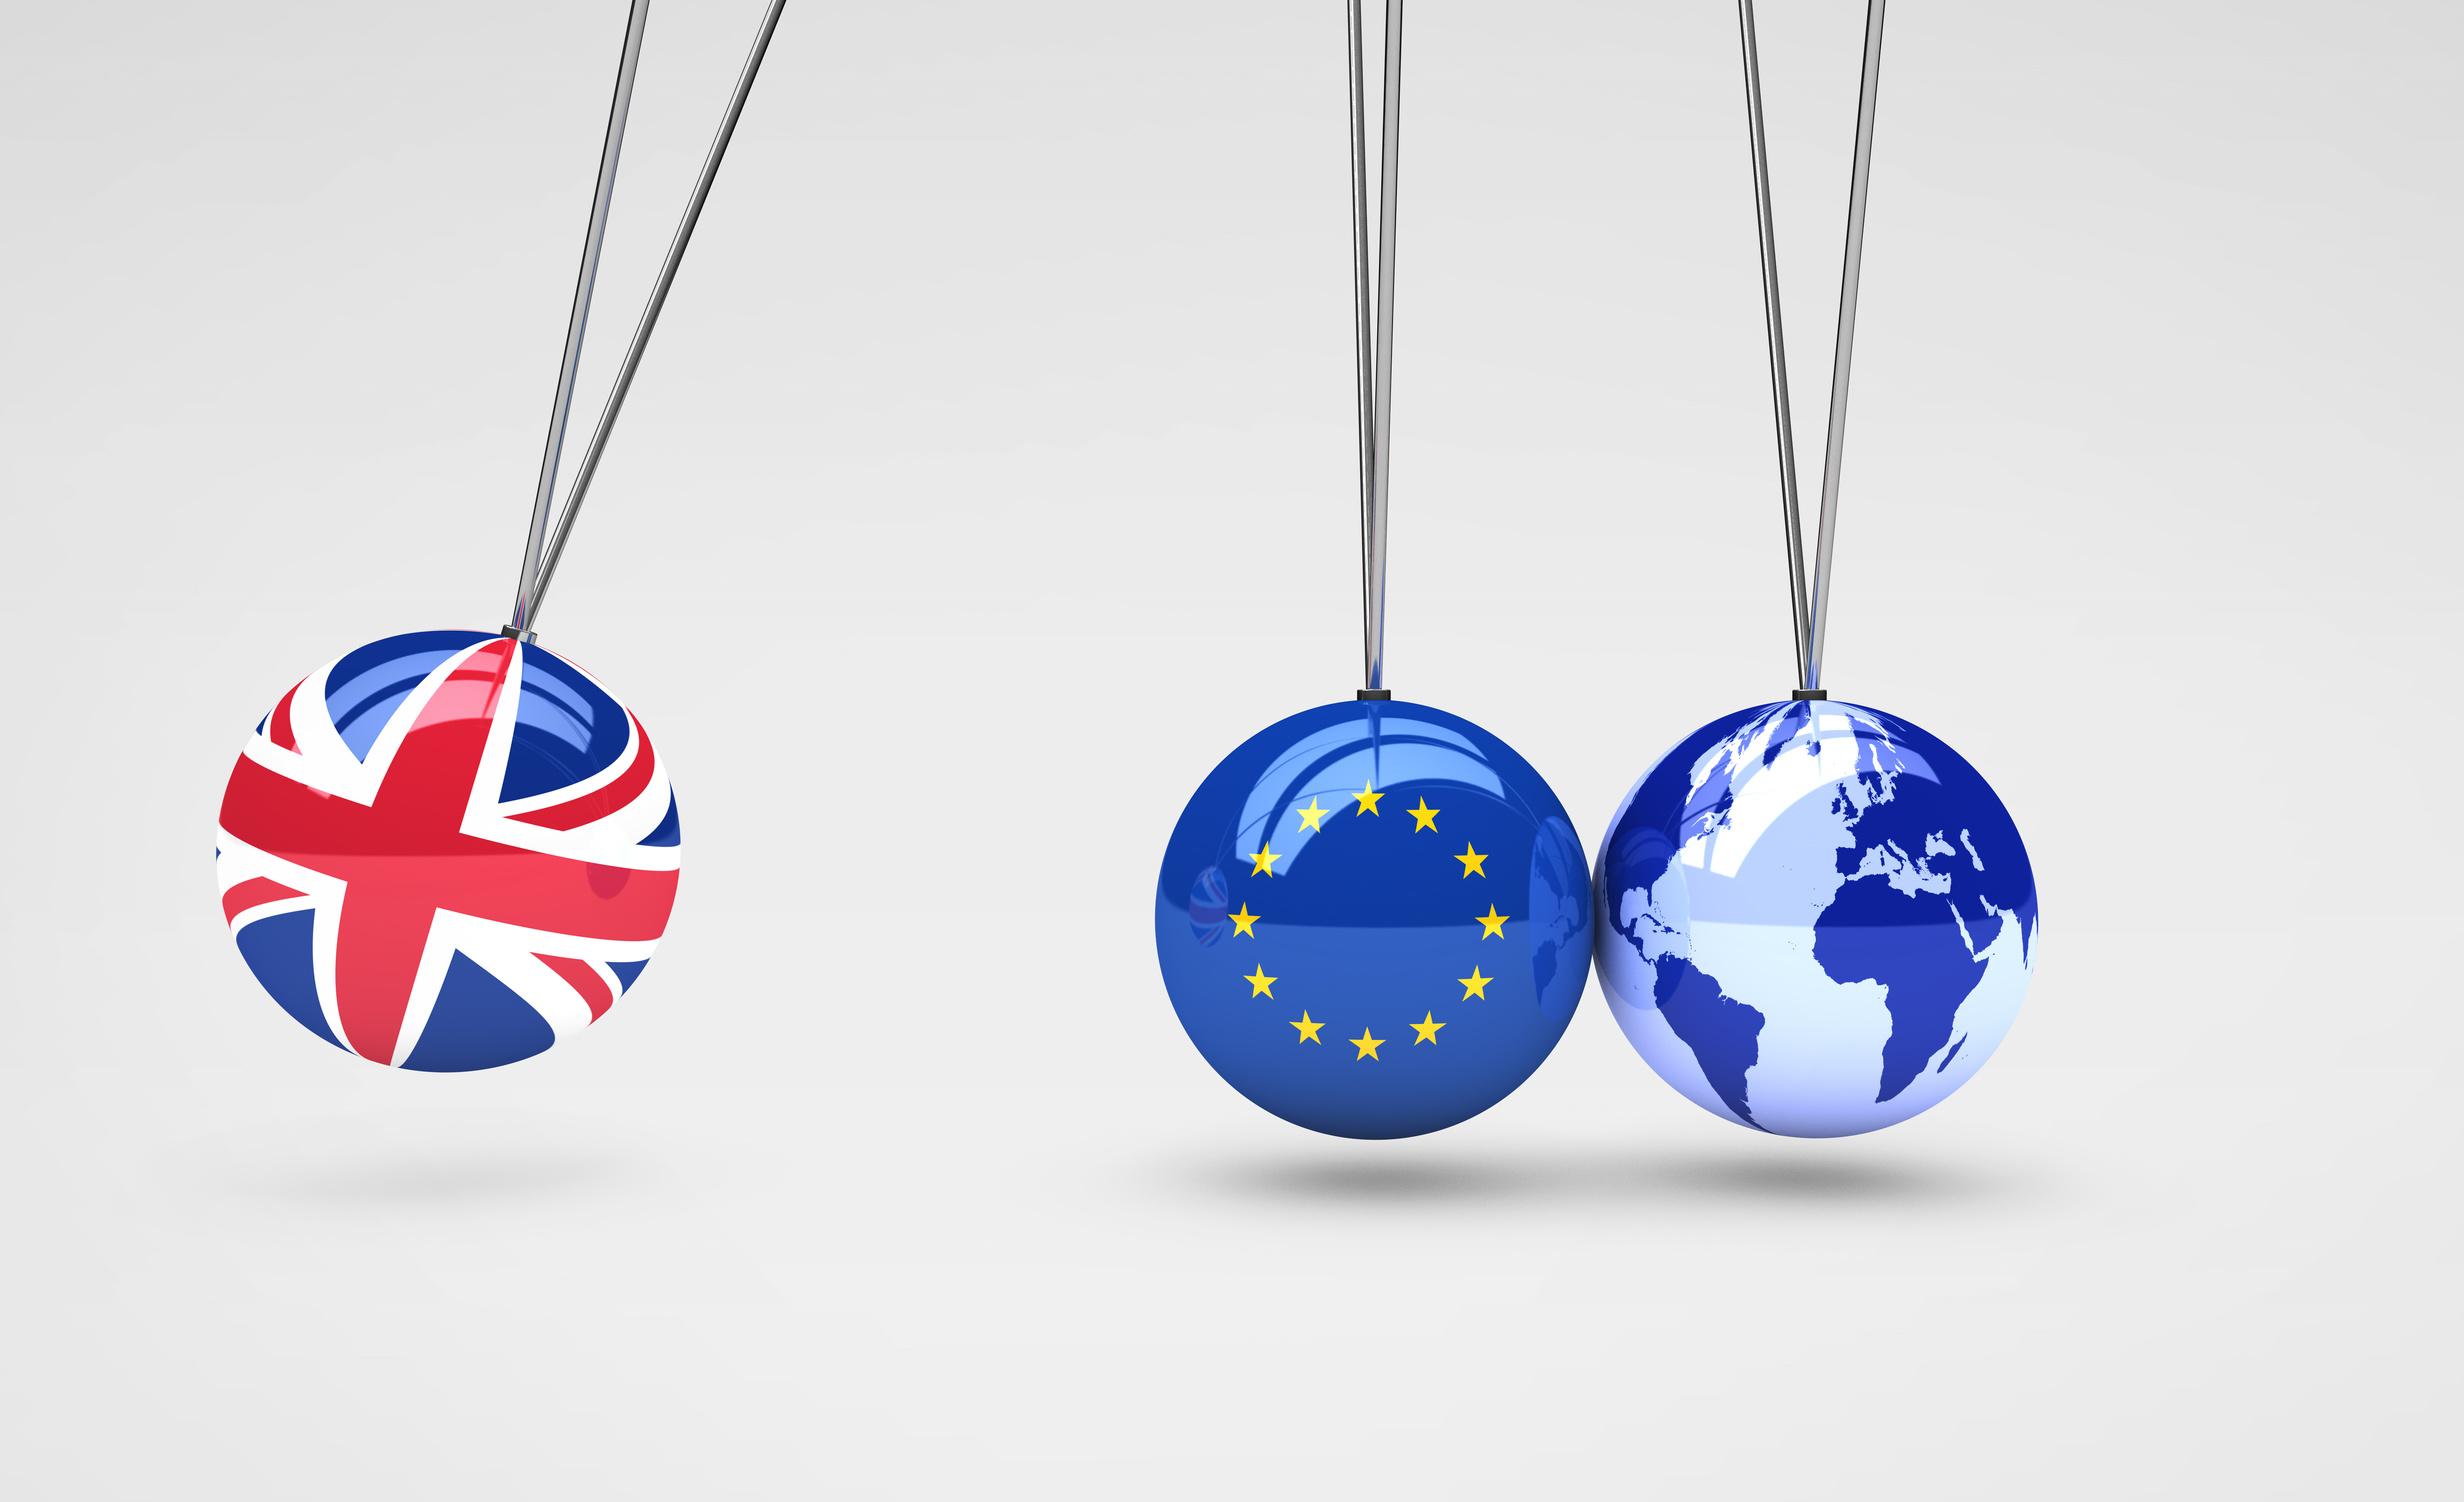 Vom Aussterben bedroht – gefährdet der Brexit klinische Prüfungen in UK?